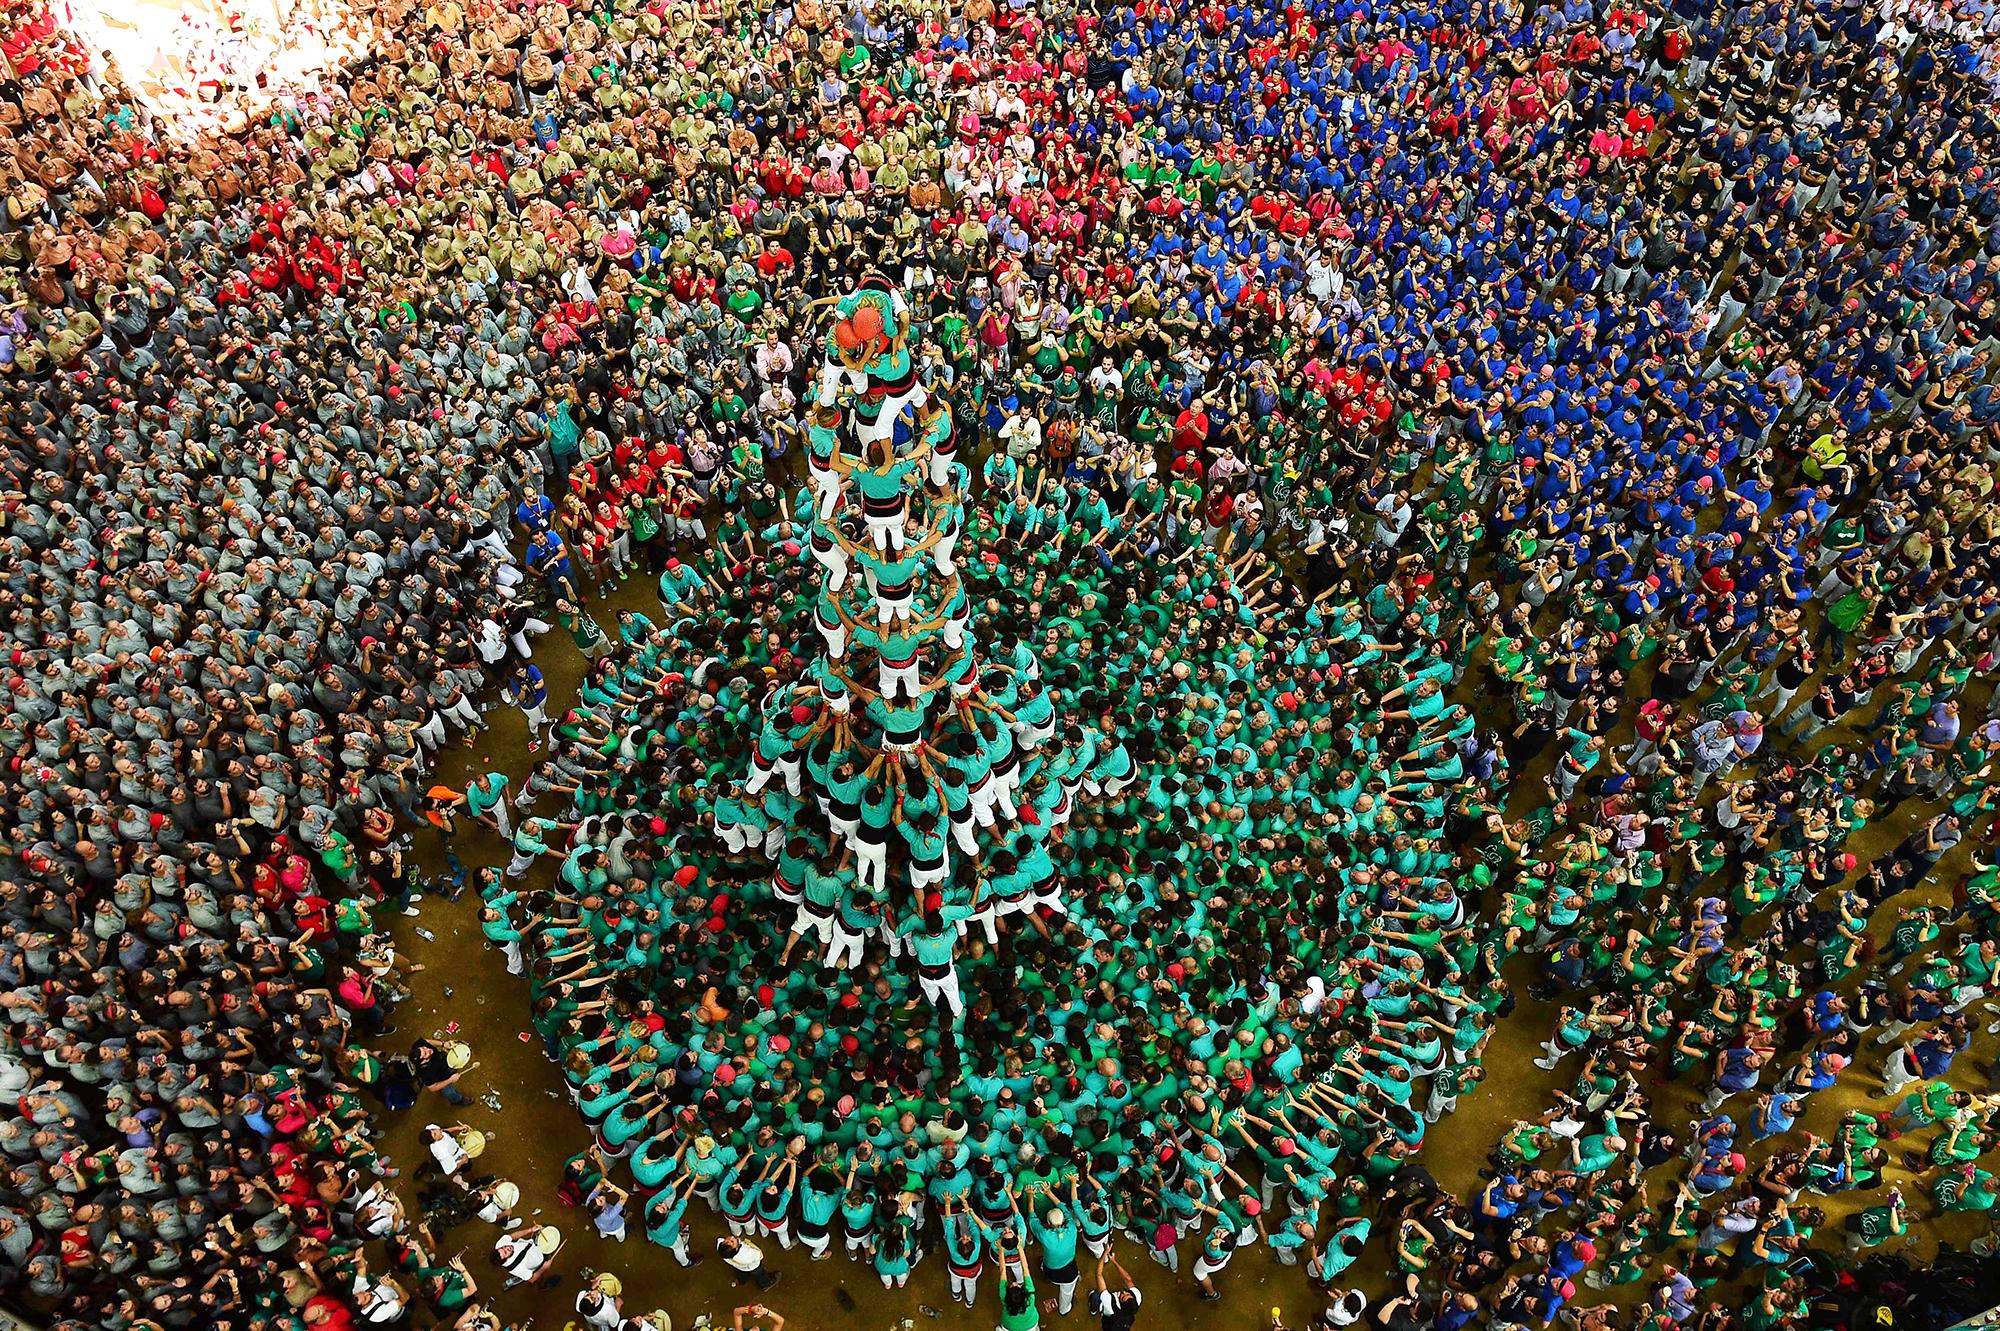 Colla Jove Xiquets de Tarragona  in Tarragona, Spain, on Oct. 2, 2016.